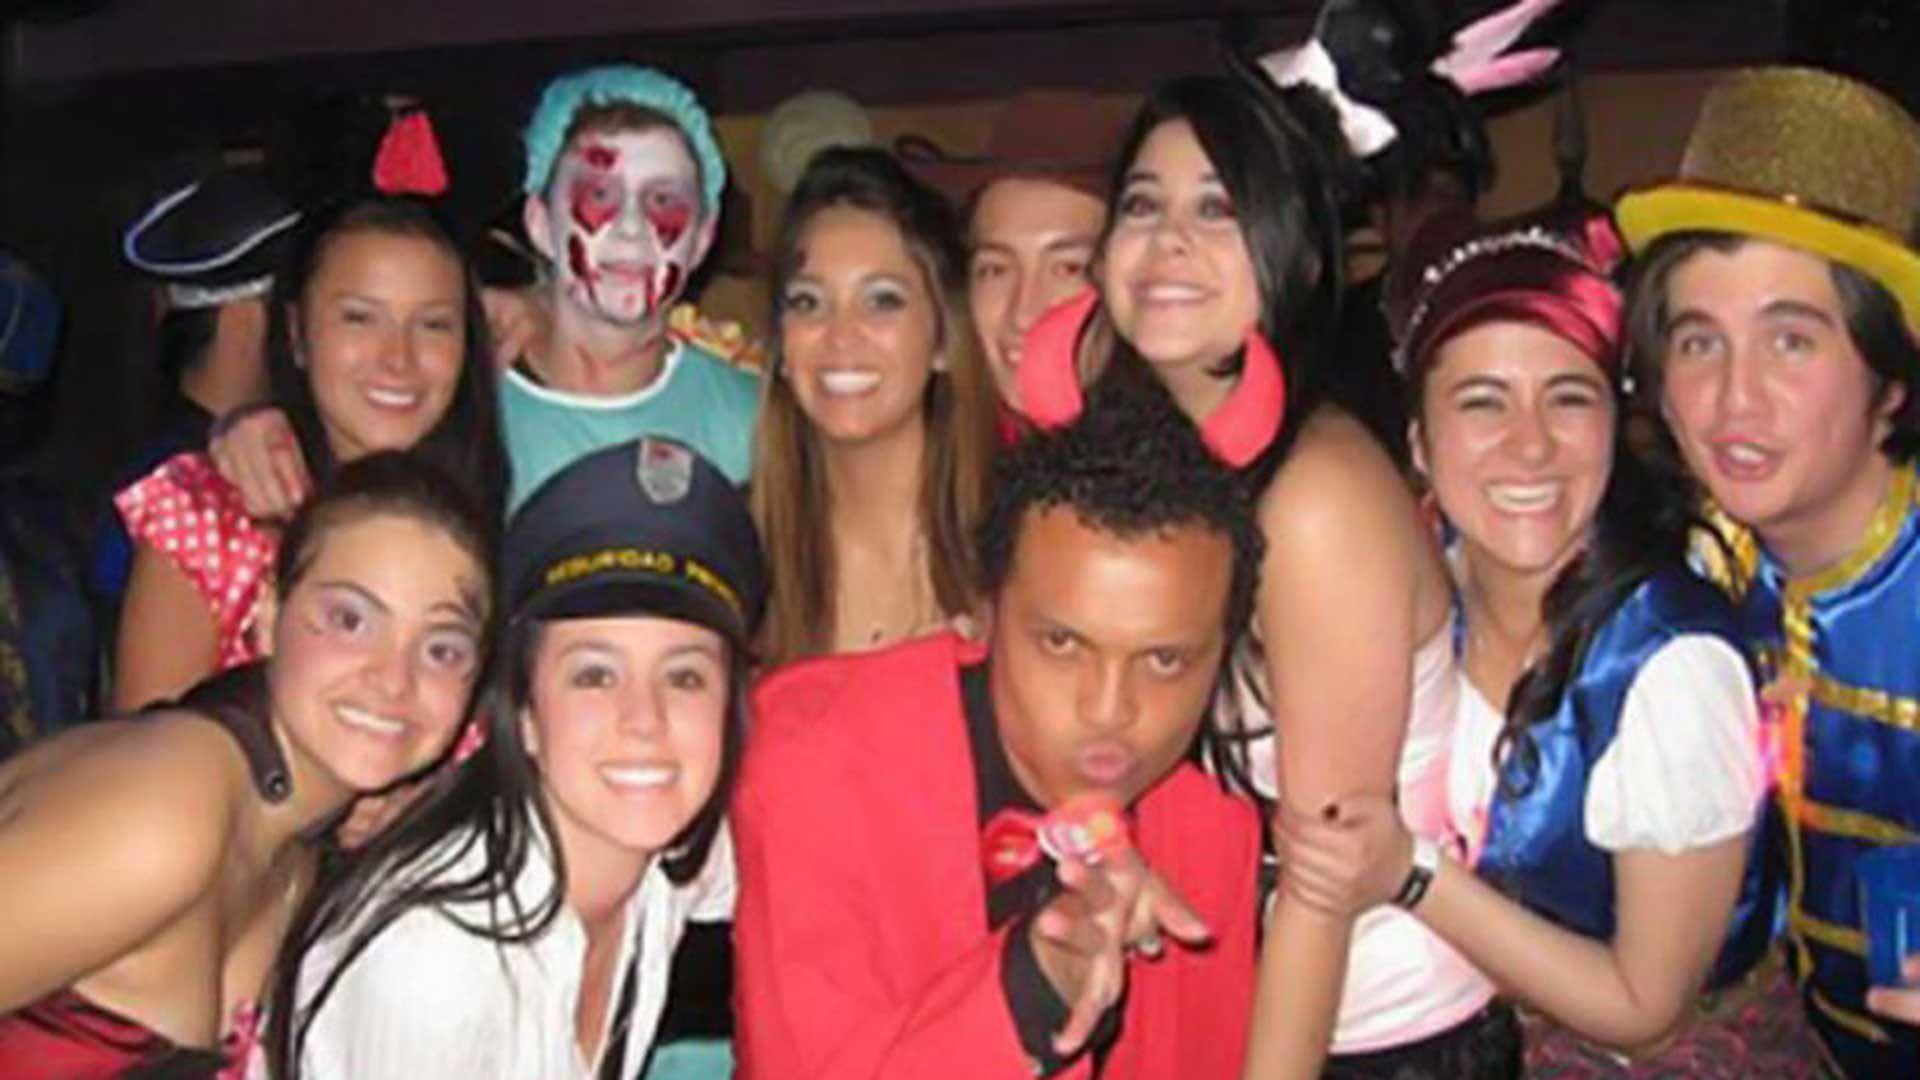 La noche de la muerte de Luis Andrés Colmenares departía en una fiesta de Halloween con un grupo de compañeros de universidad.